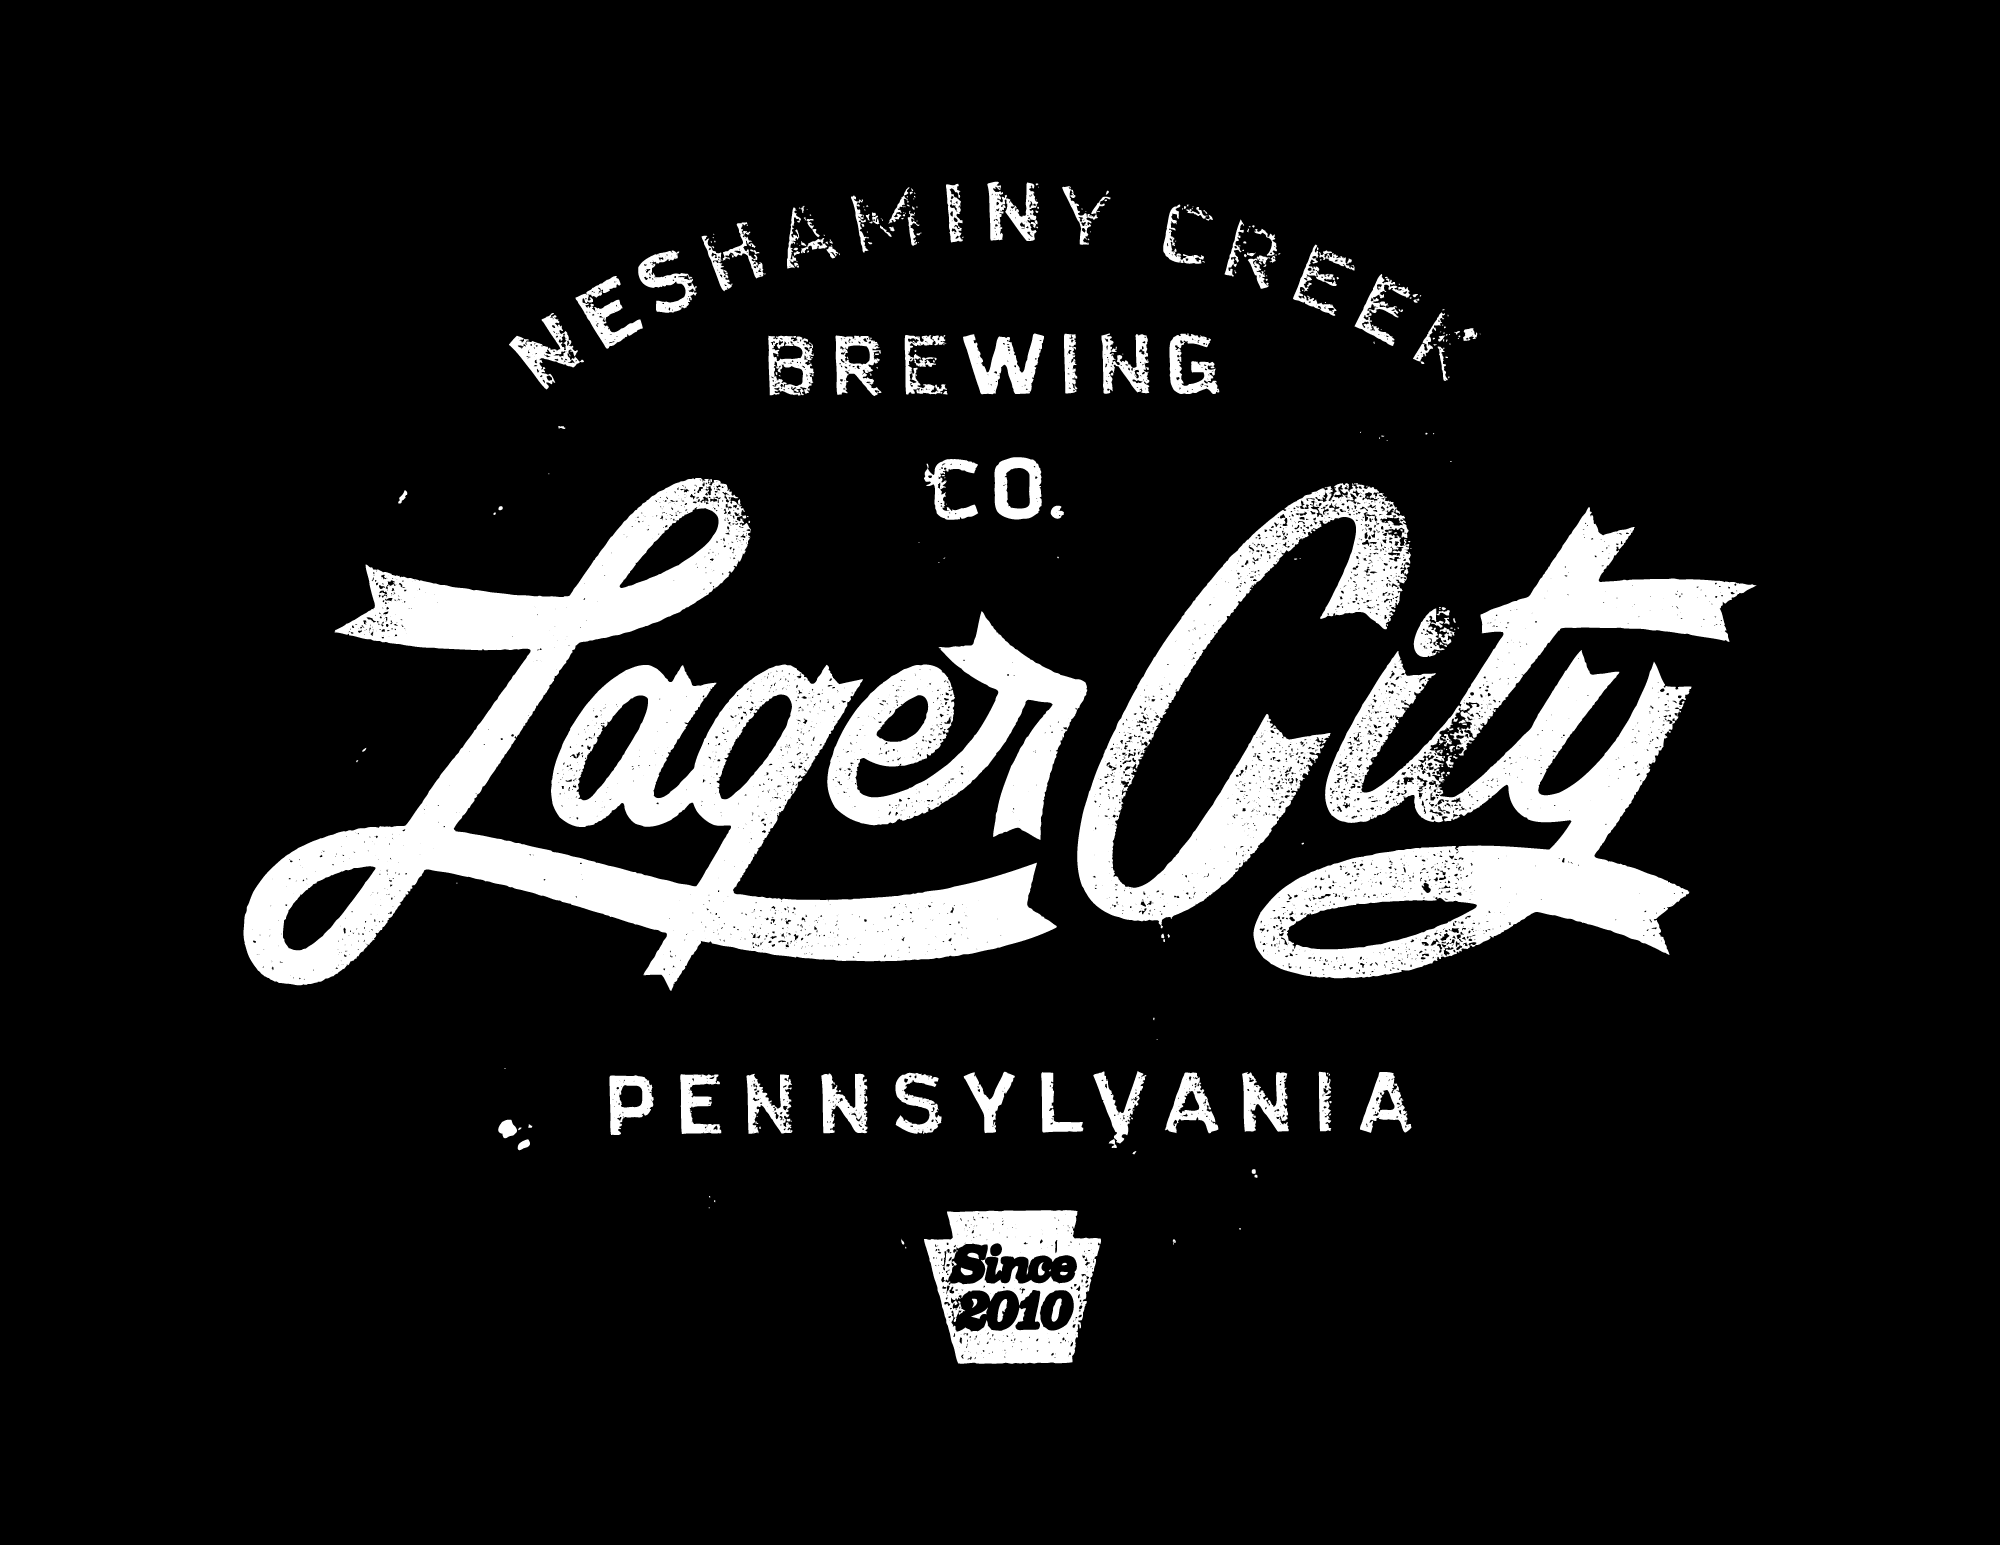 NCBC_LagerCityScript_v4.png